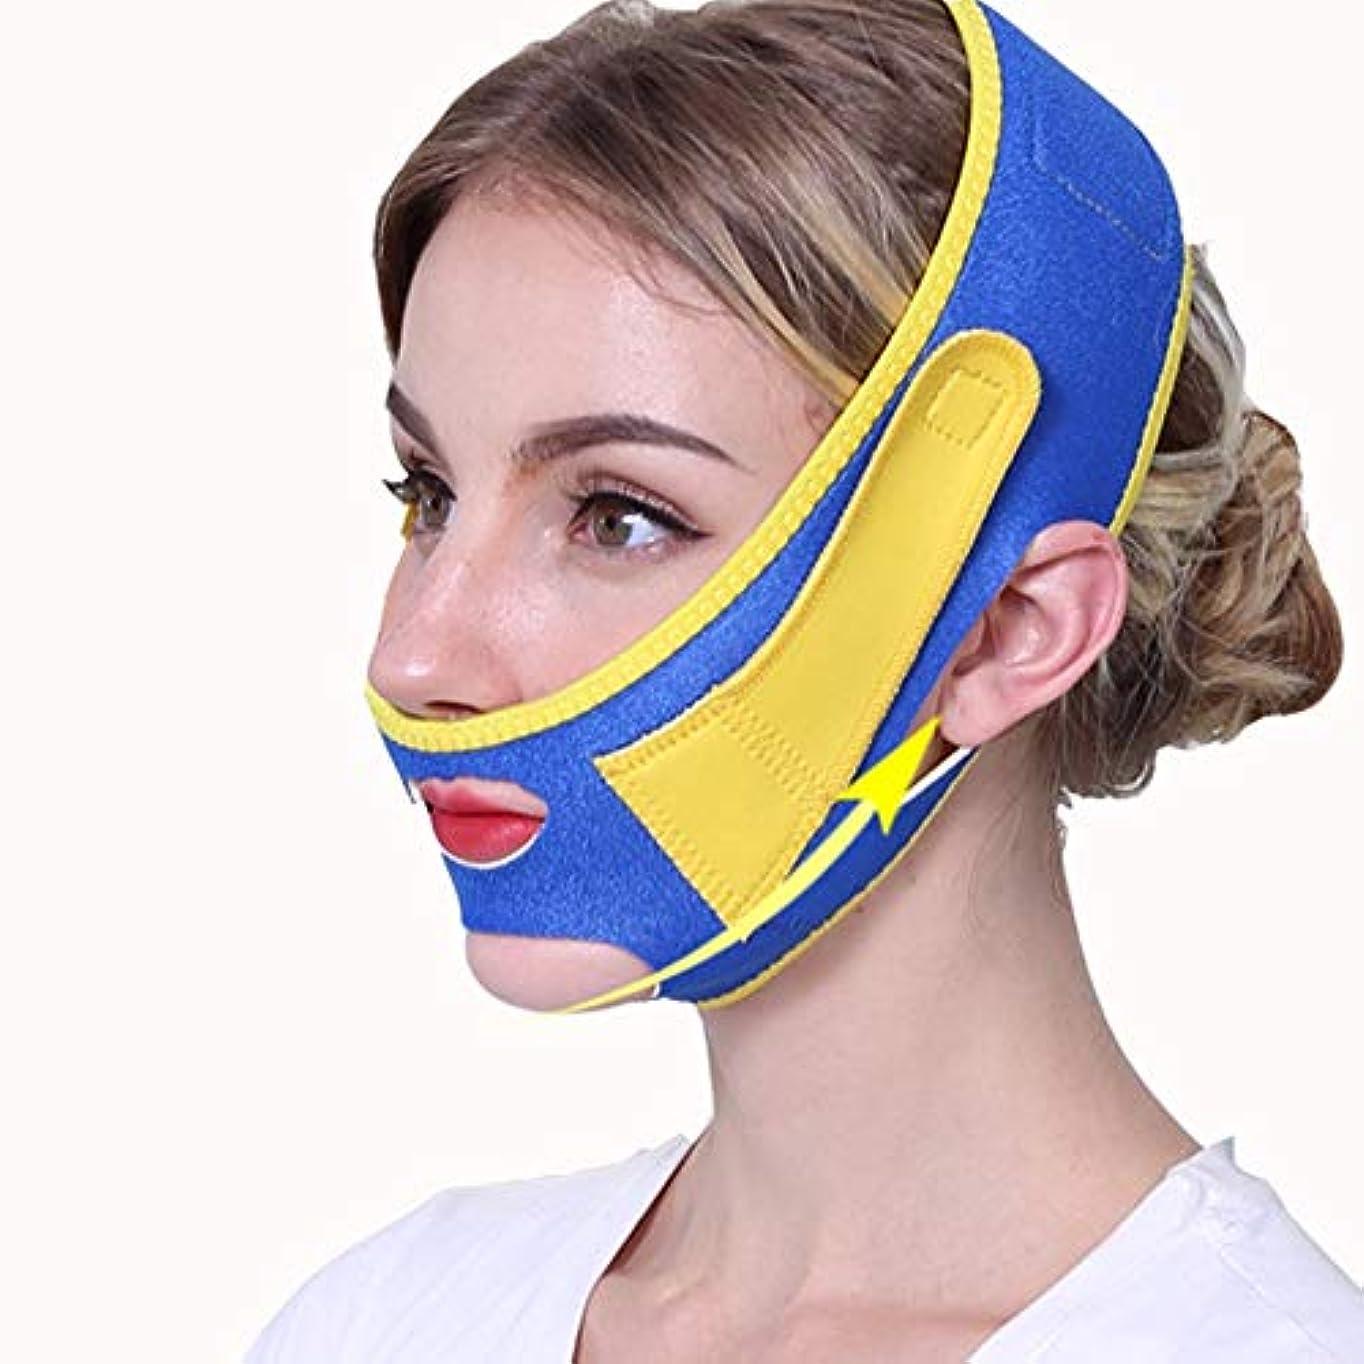 歴史経済的米ドル飛強強 フェイシャルリフティング痩身ベルトフェイス包帯マスク整形マスクフェイスベルトを引き締める薄型フェイス包帯整形マスクフェイスと首の顔を引き締めスリム スリムフィット美容ツール